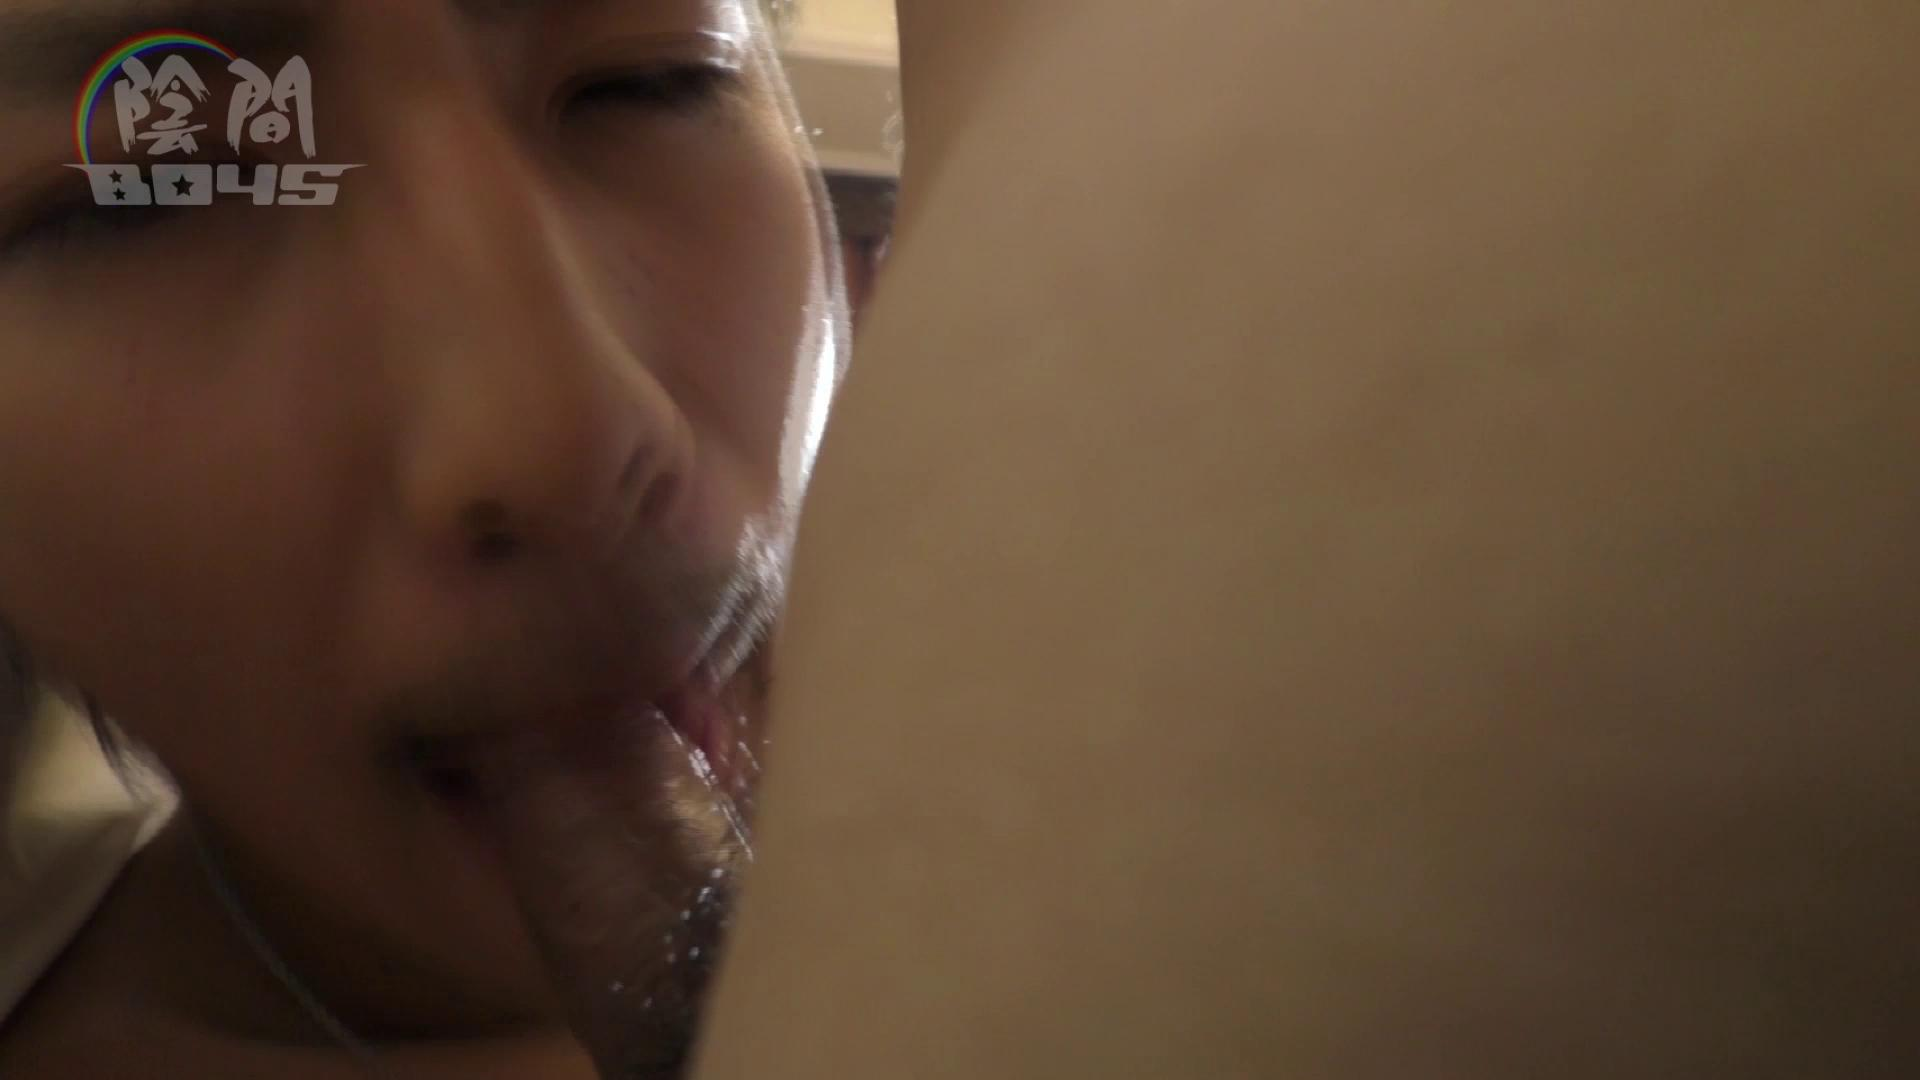 陰間BOYS~「アナルだけは許して…2」~06 オナニー ゲイエロビデオ画像 104pic 75